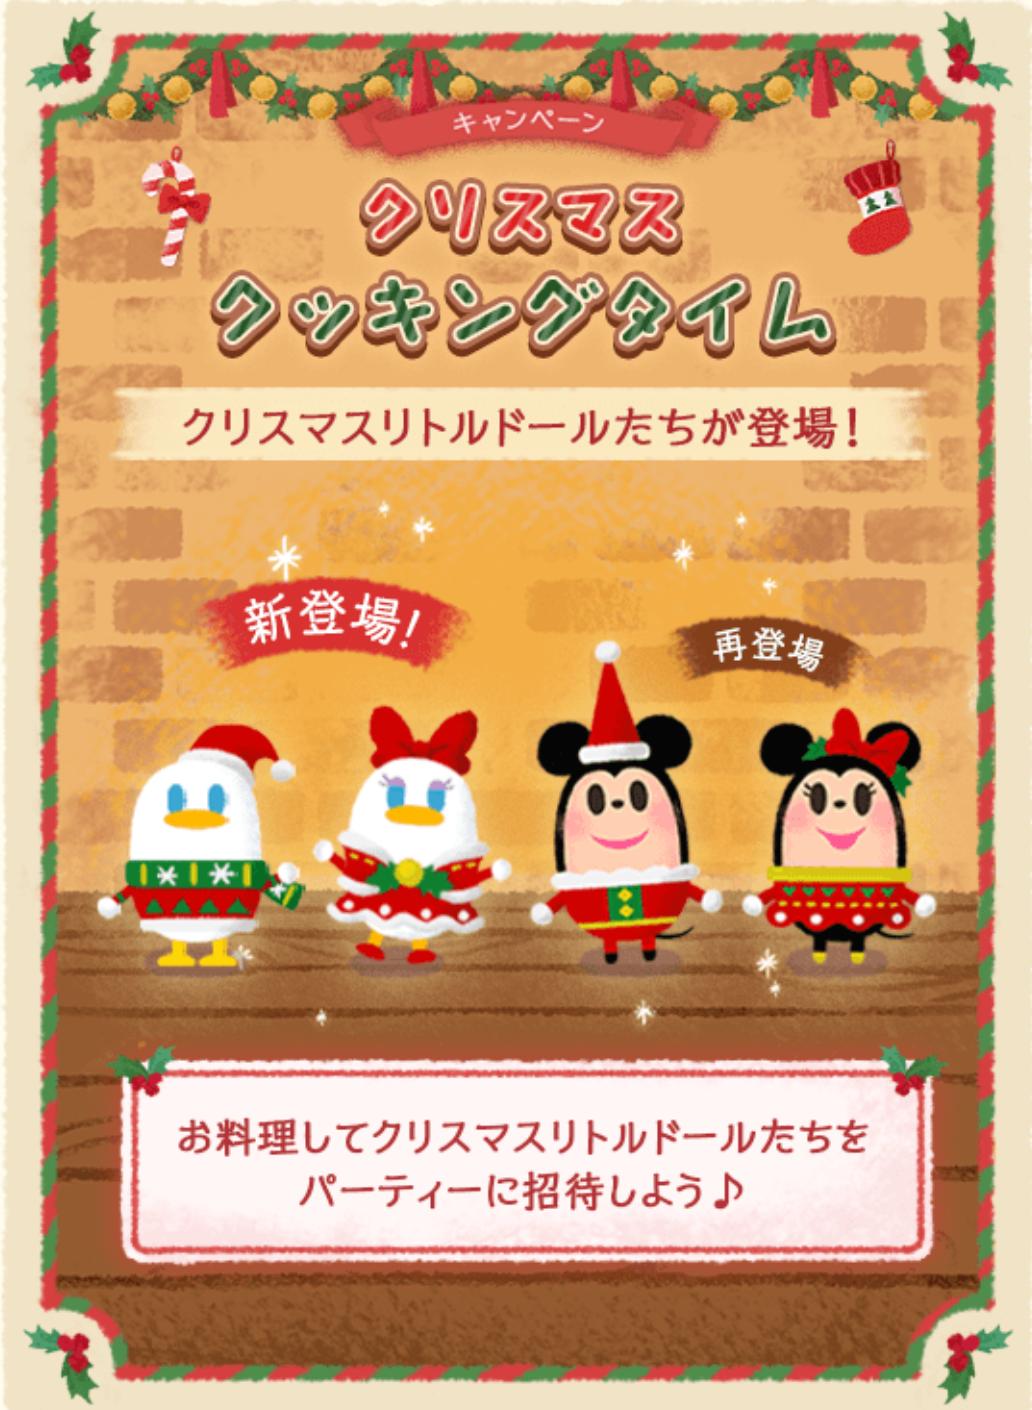 12月14日のイベント情報(6:00現在)